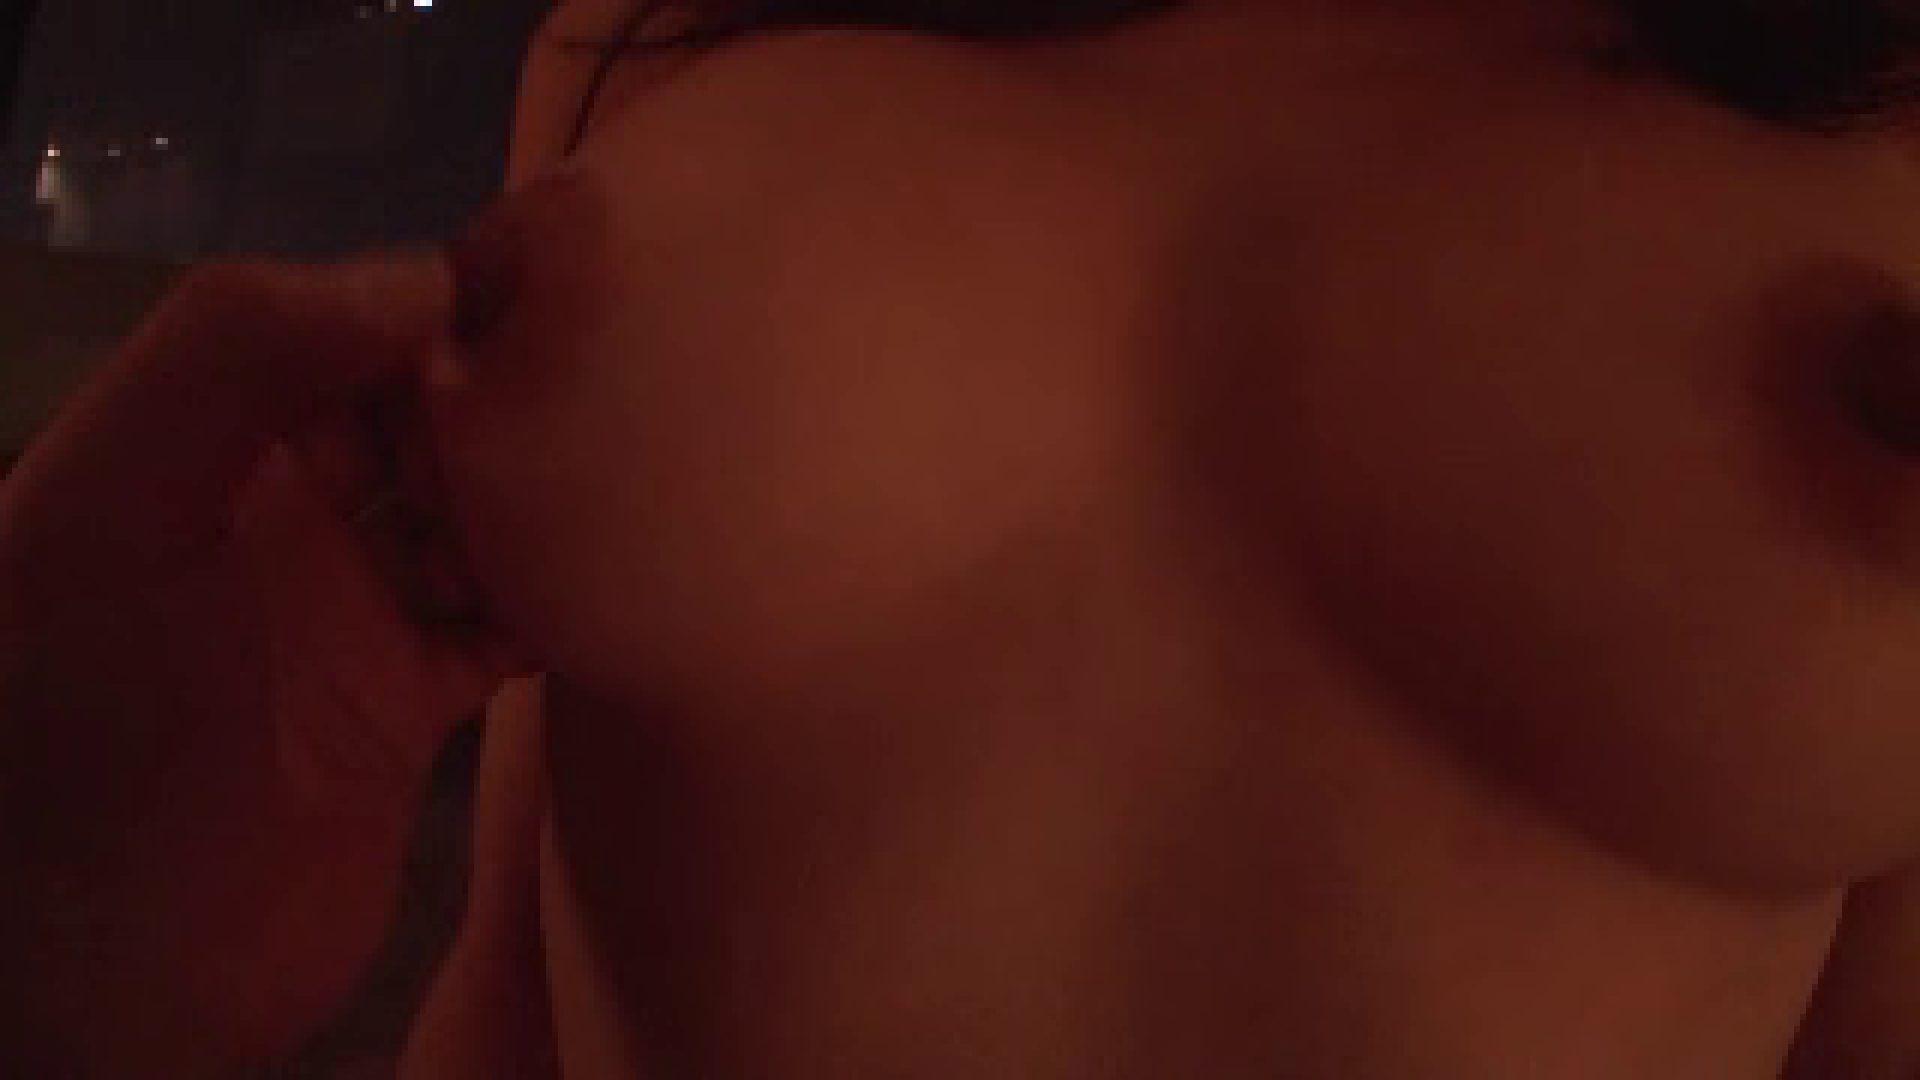 親友同士で競演 超美形のSEXパーティ Vol.04 熟女のエロ生活 おまんこ動画流出 49連発 19